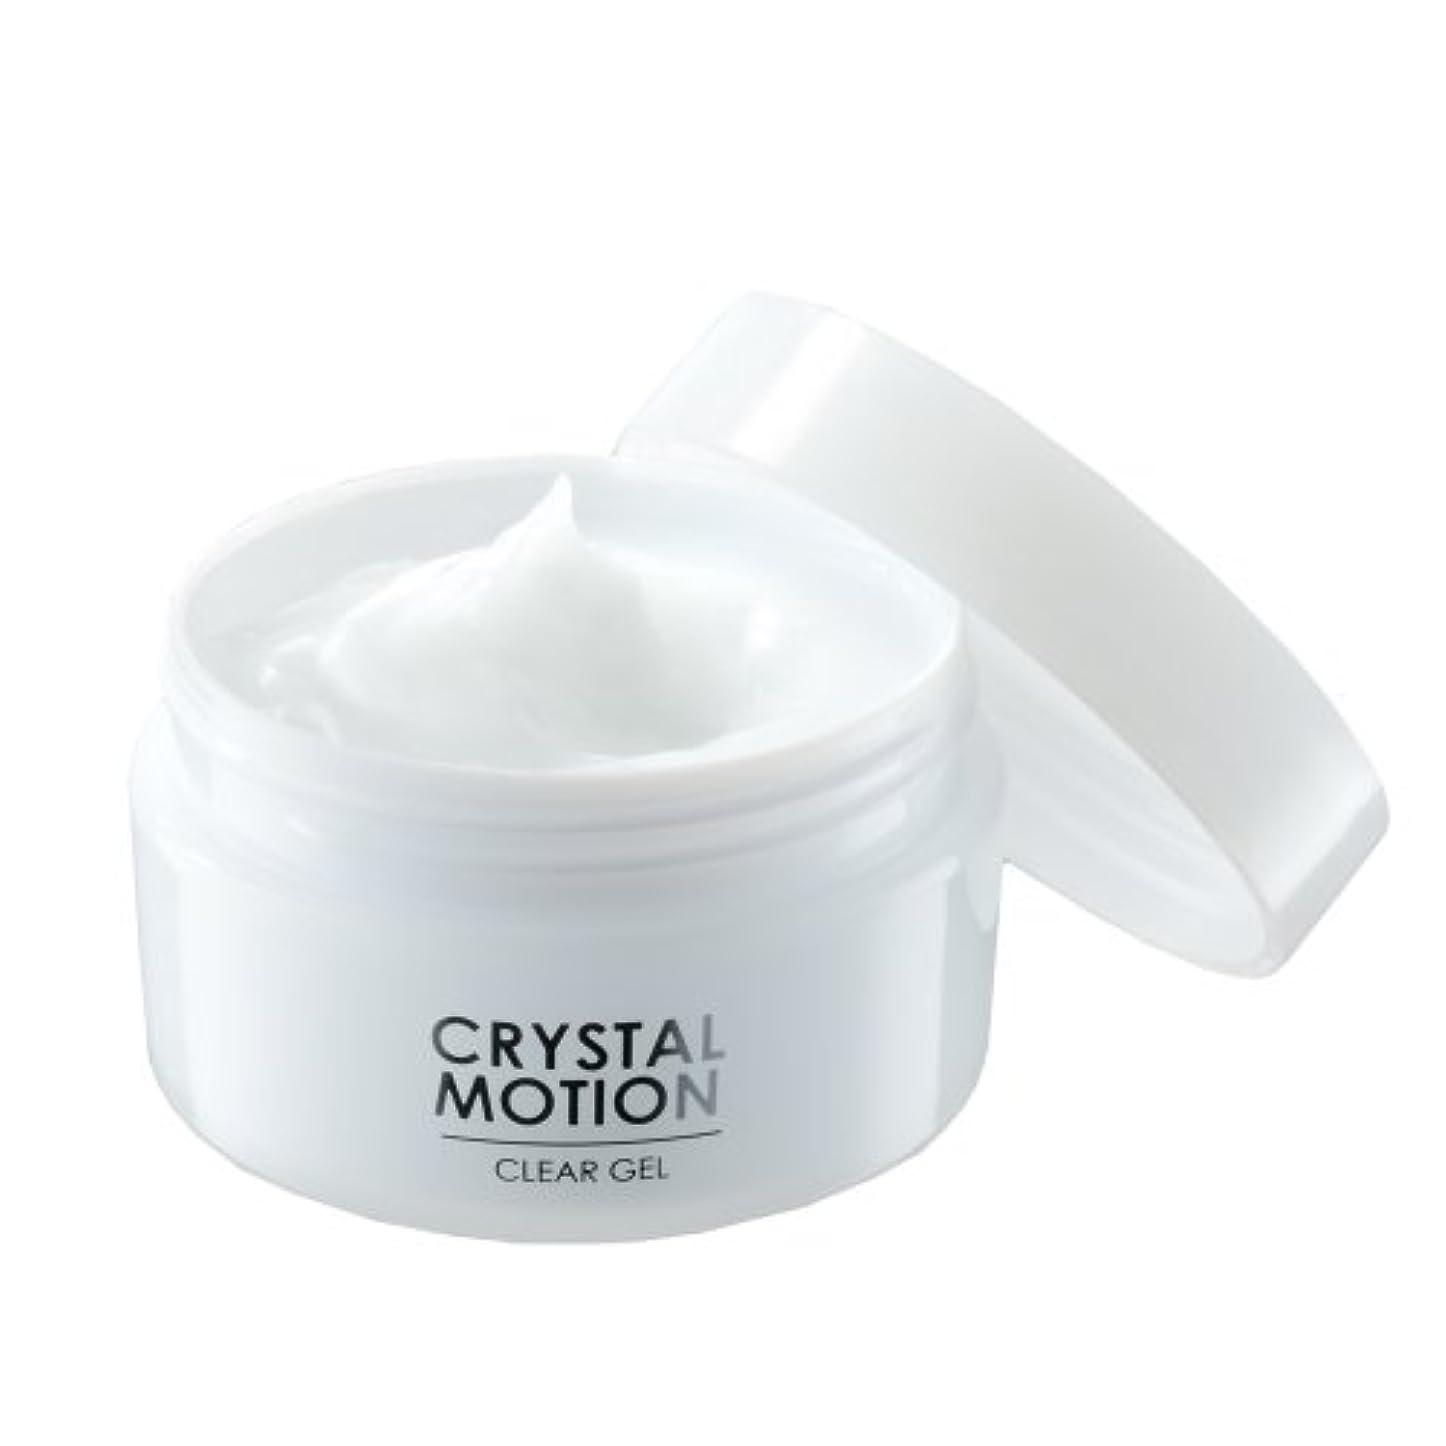 ストレージ包括的永遠のクリスタルモーション CRYSTAL MOTION 薬用ニキビケアジェル 保湿 乾燥 美白 美肌 ニキビ 予防 1ヶ月分 60g